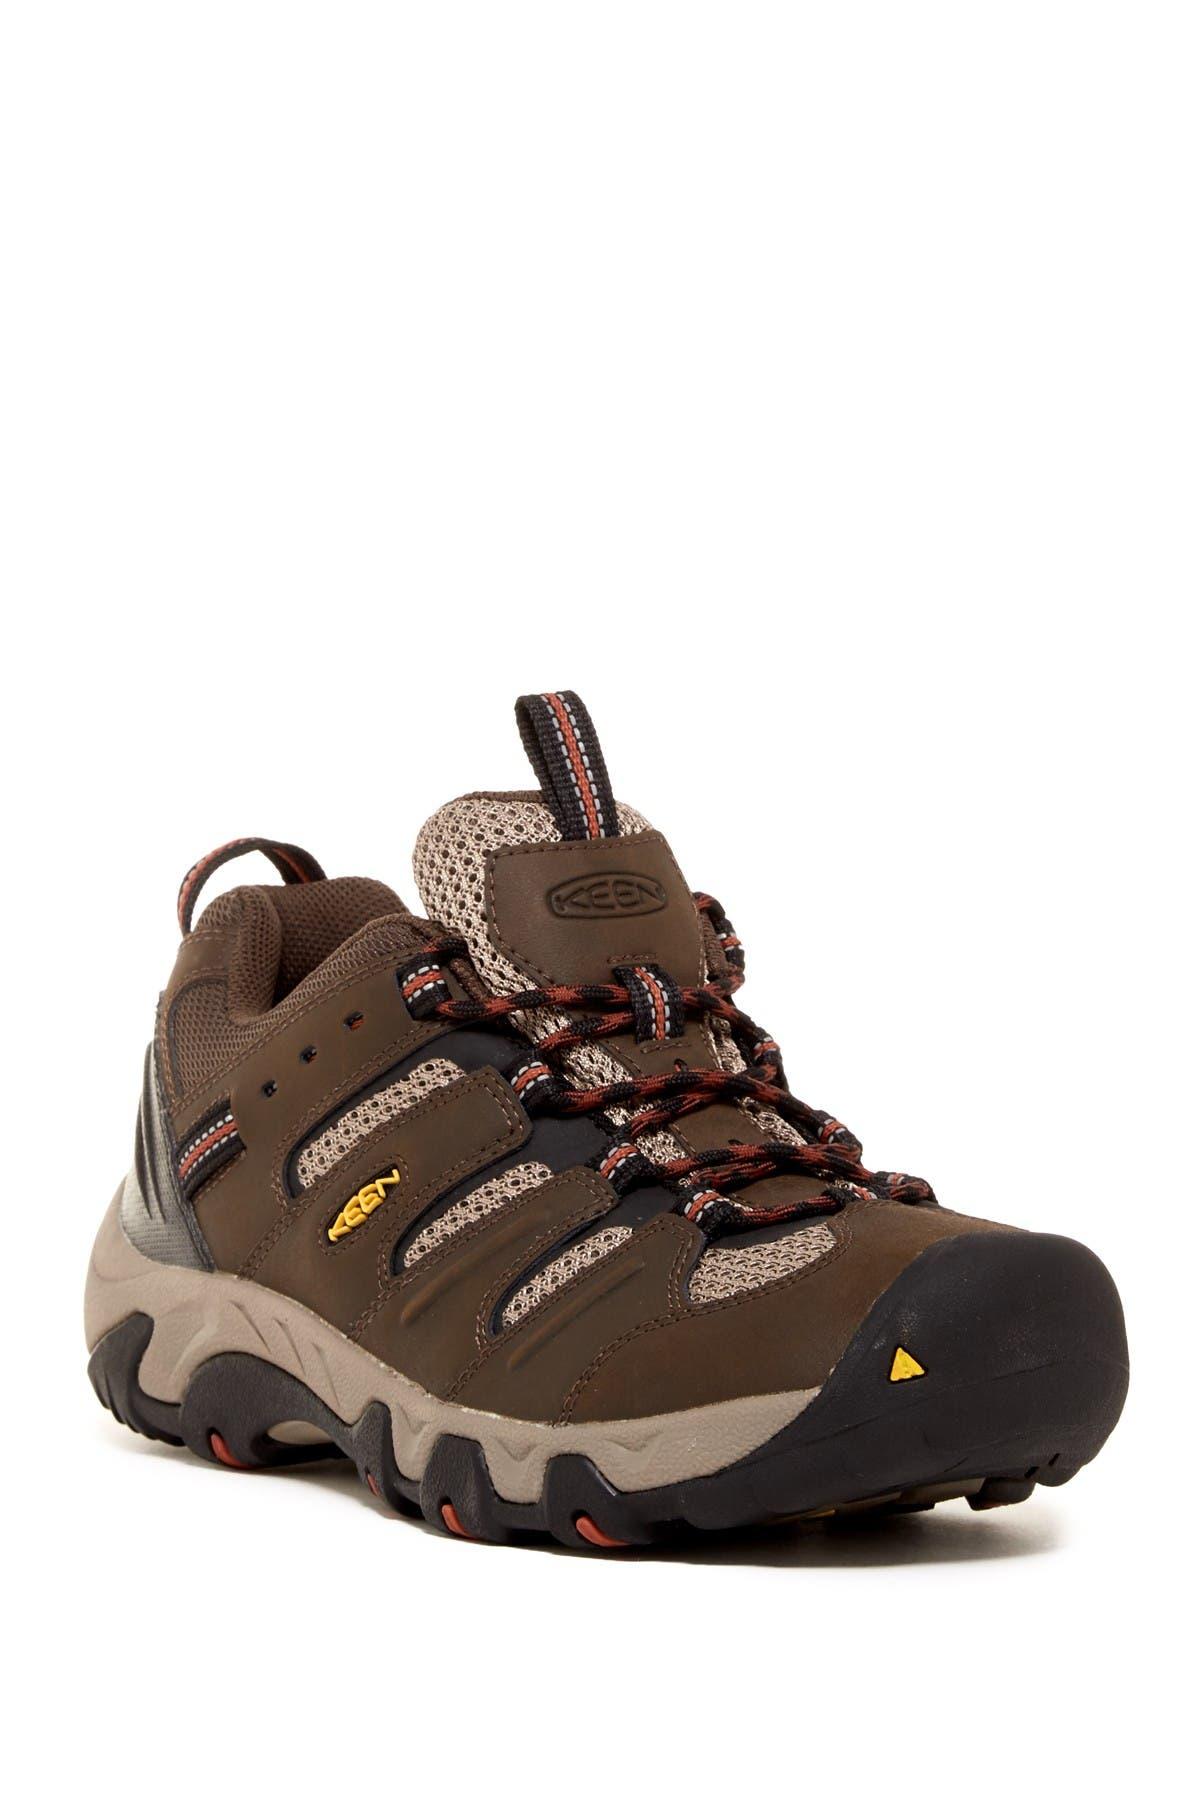 Keen | Koven Hiking Shoe | Nordstrom Rack